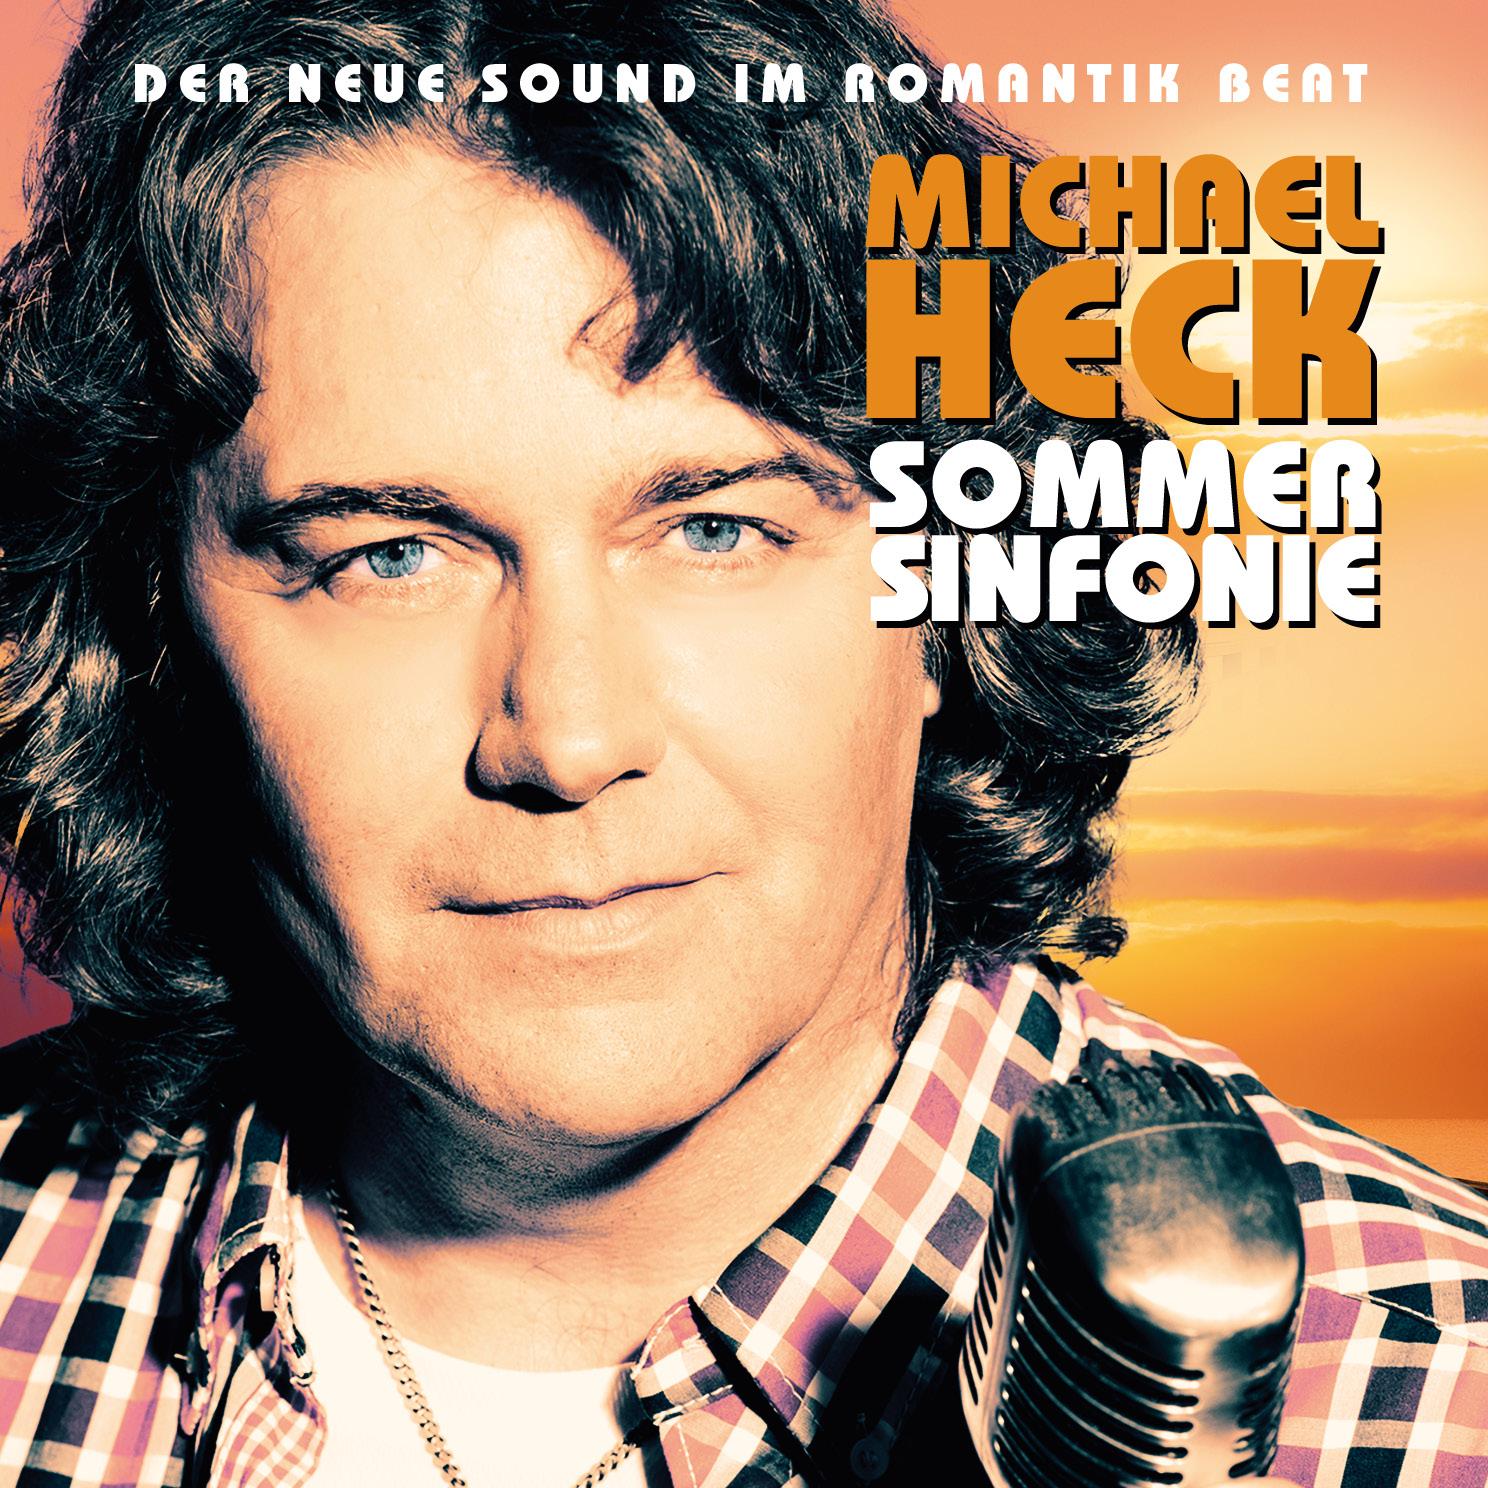 Sommer Sinfonie – Downloads